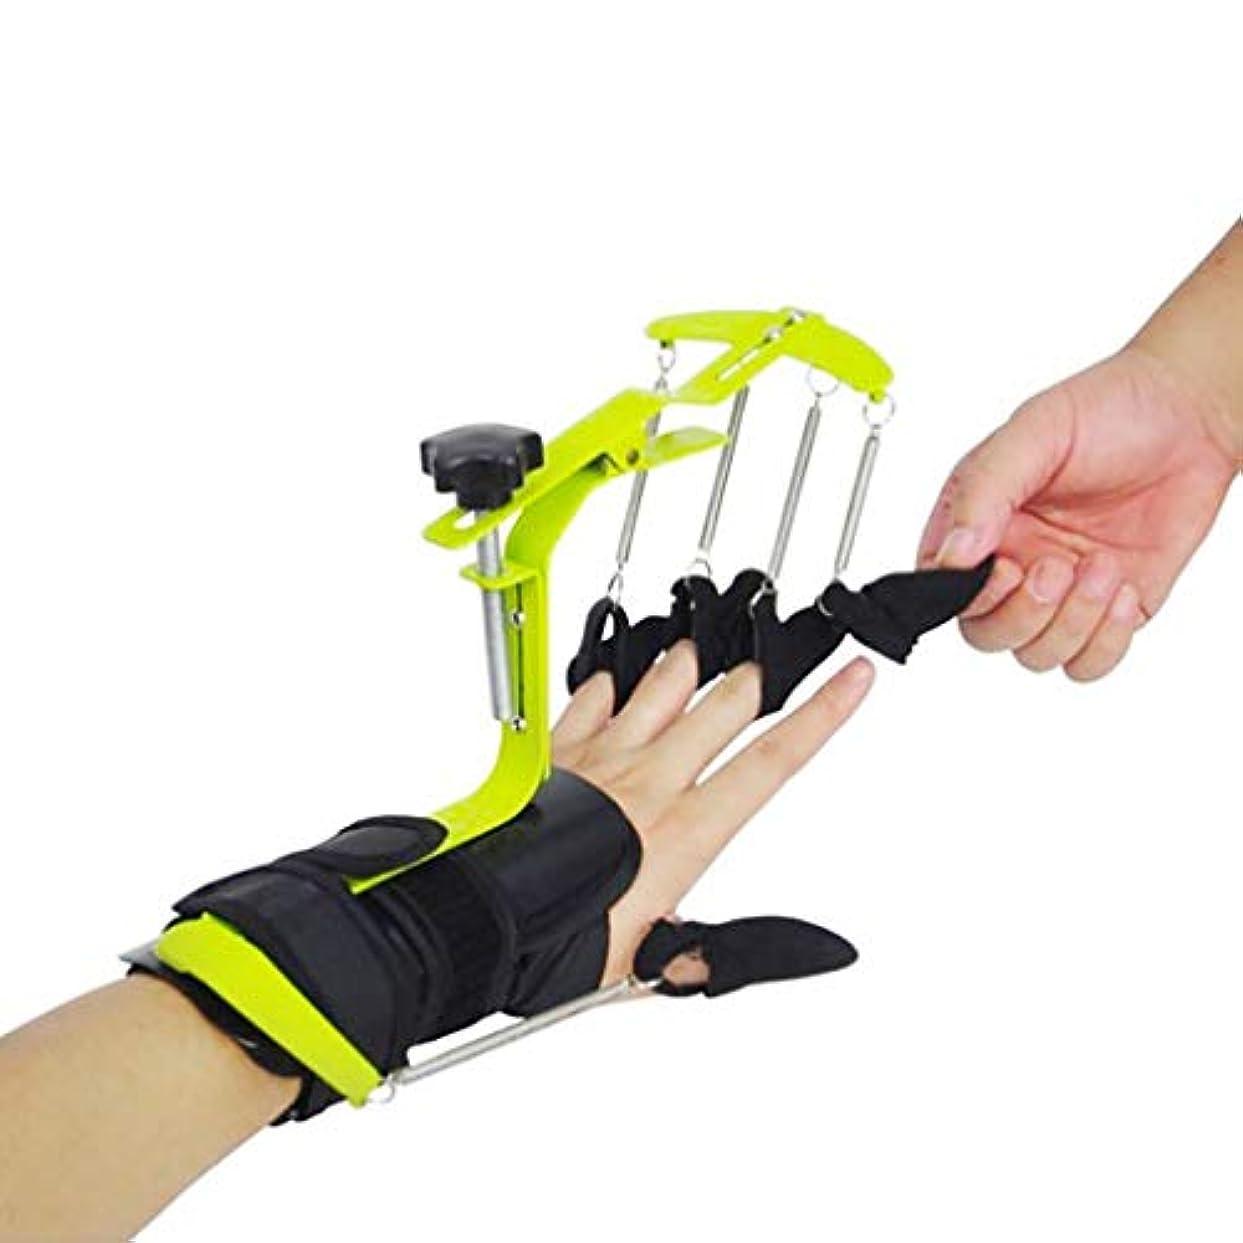 動的装具多機能アジャスタブルアルミサポートエクステンション矯正関節炎マレットフィンガーナックルブレース捻挫フィンガートレーナー大人用